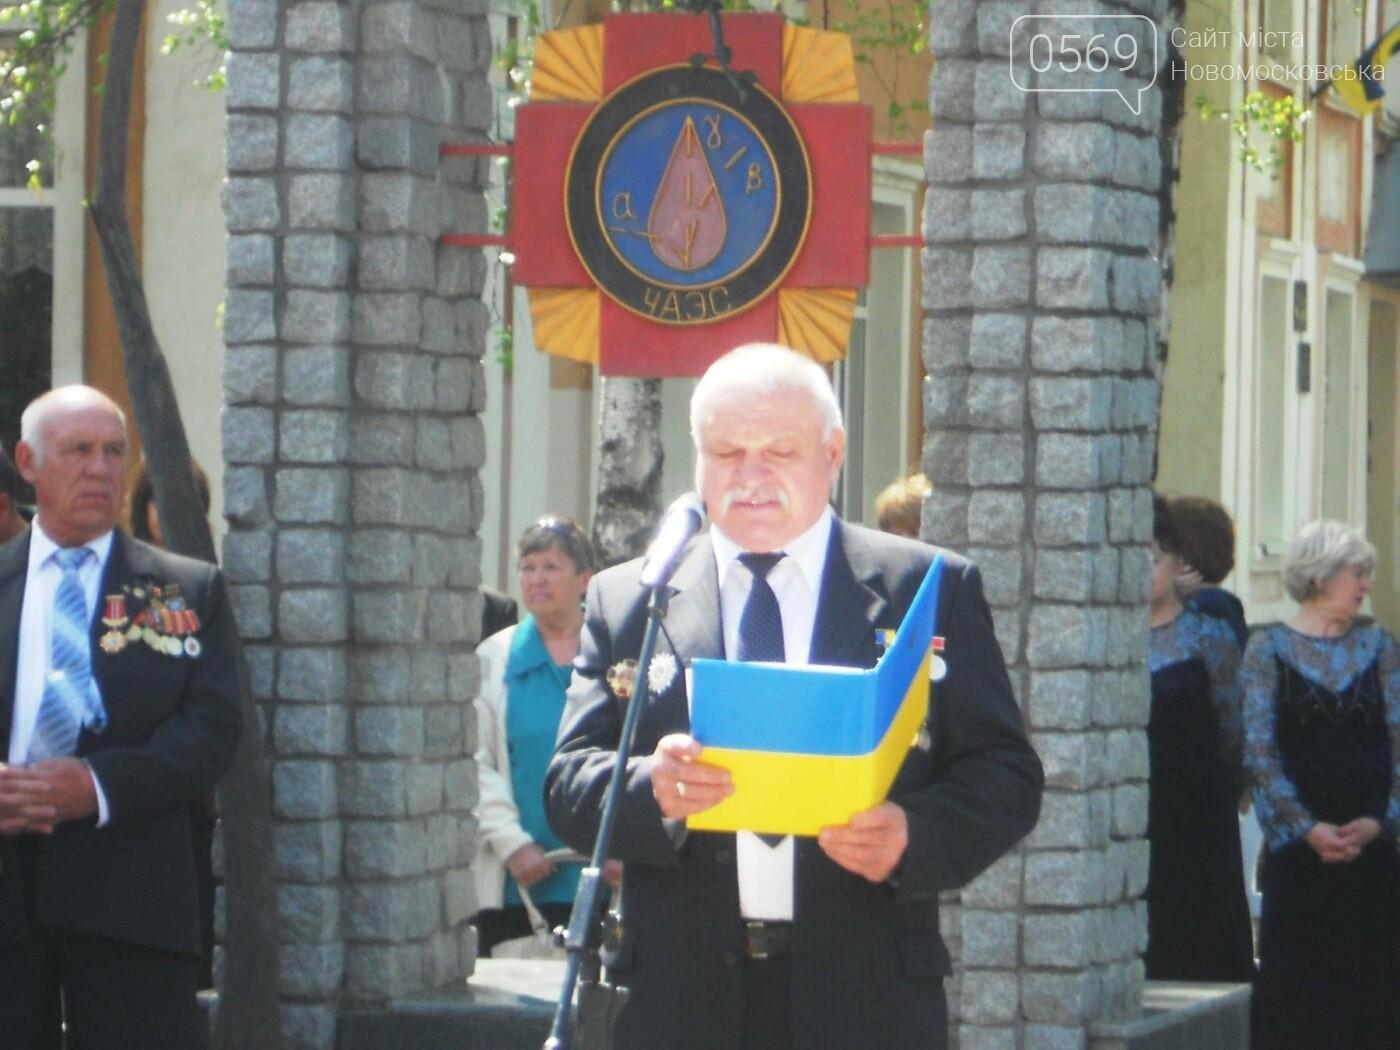 В Новомосковську відзначили річницю Чорнобильської катастрофи, фото-2